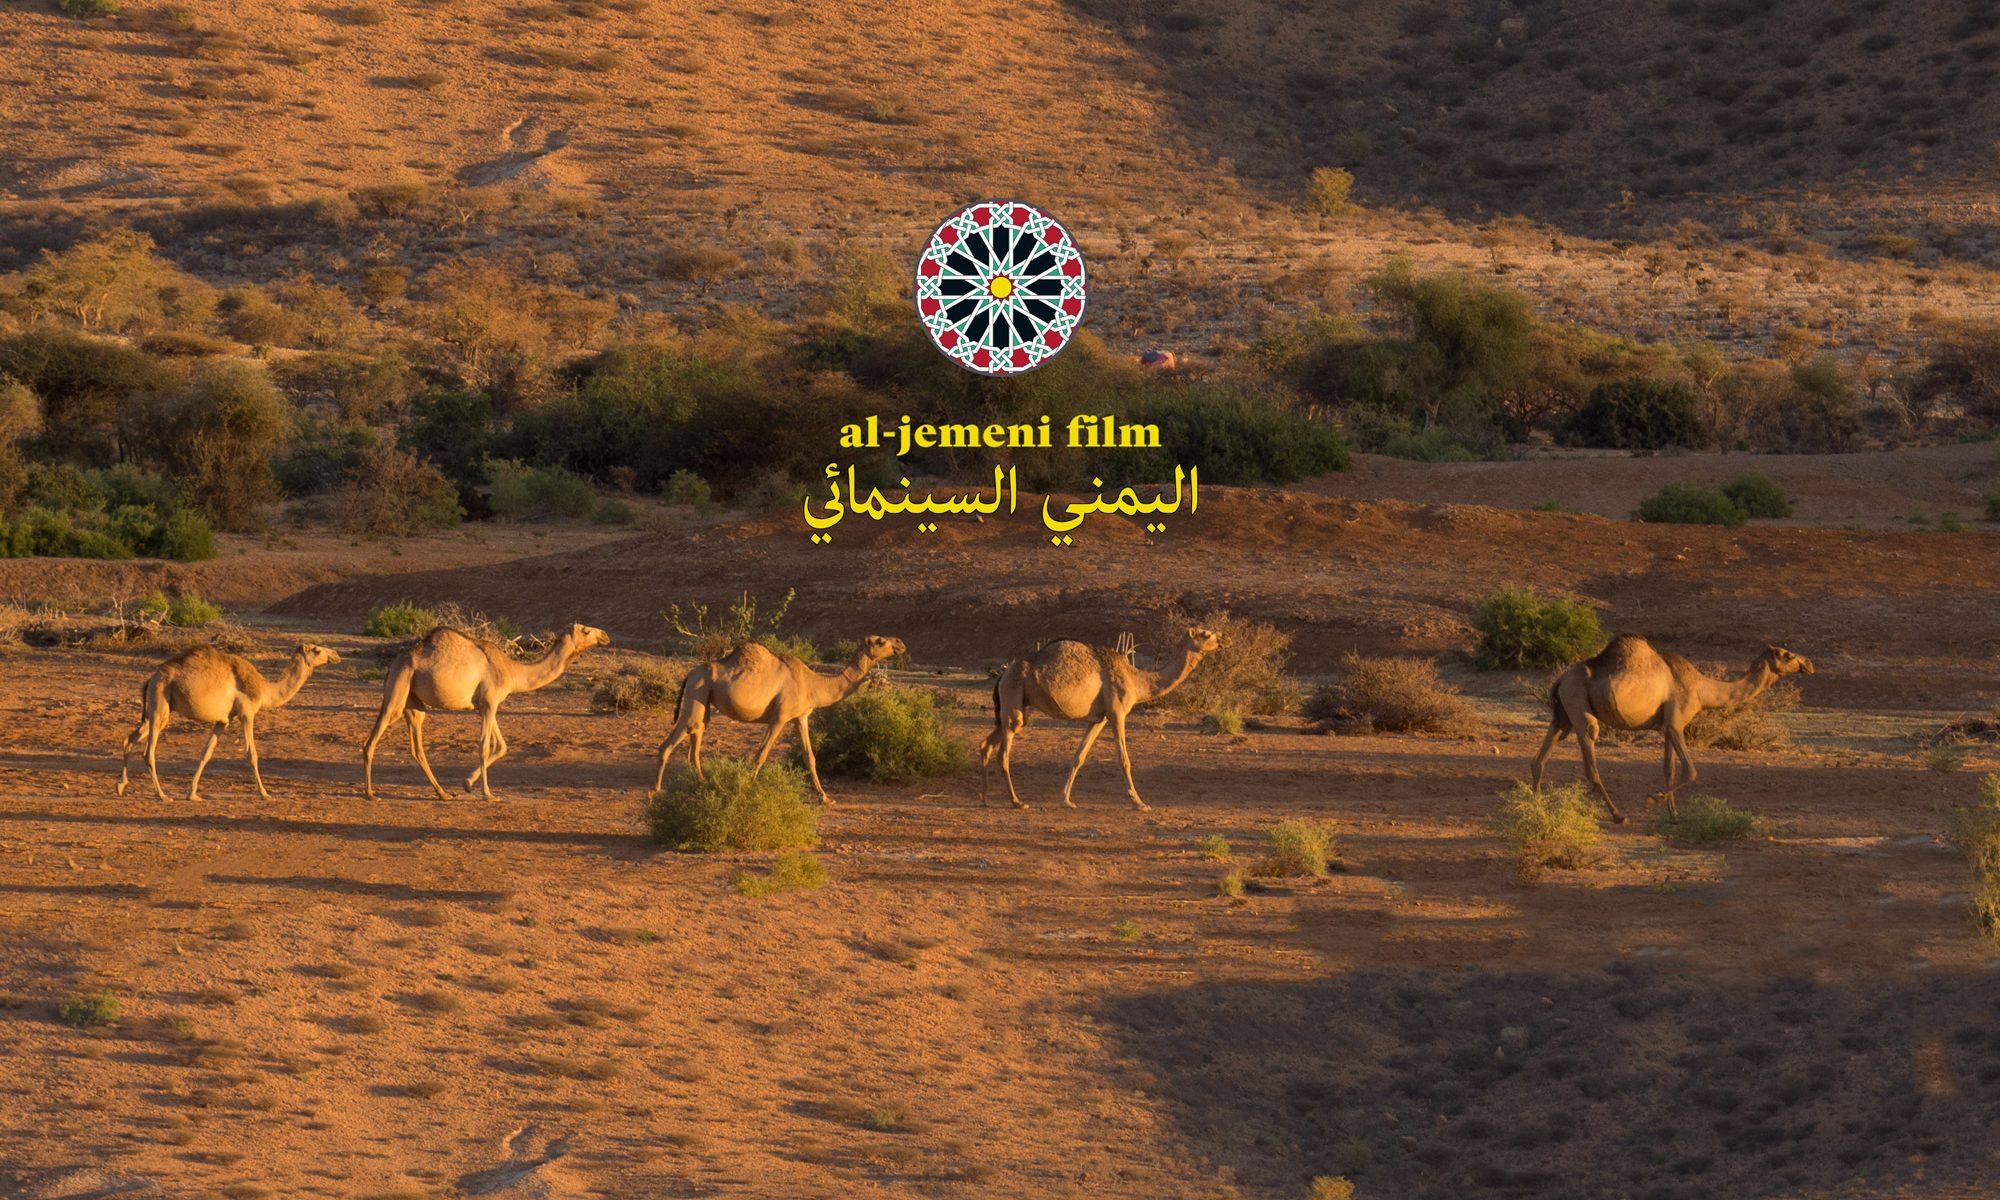 Al-Jemeni Film